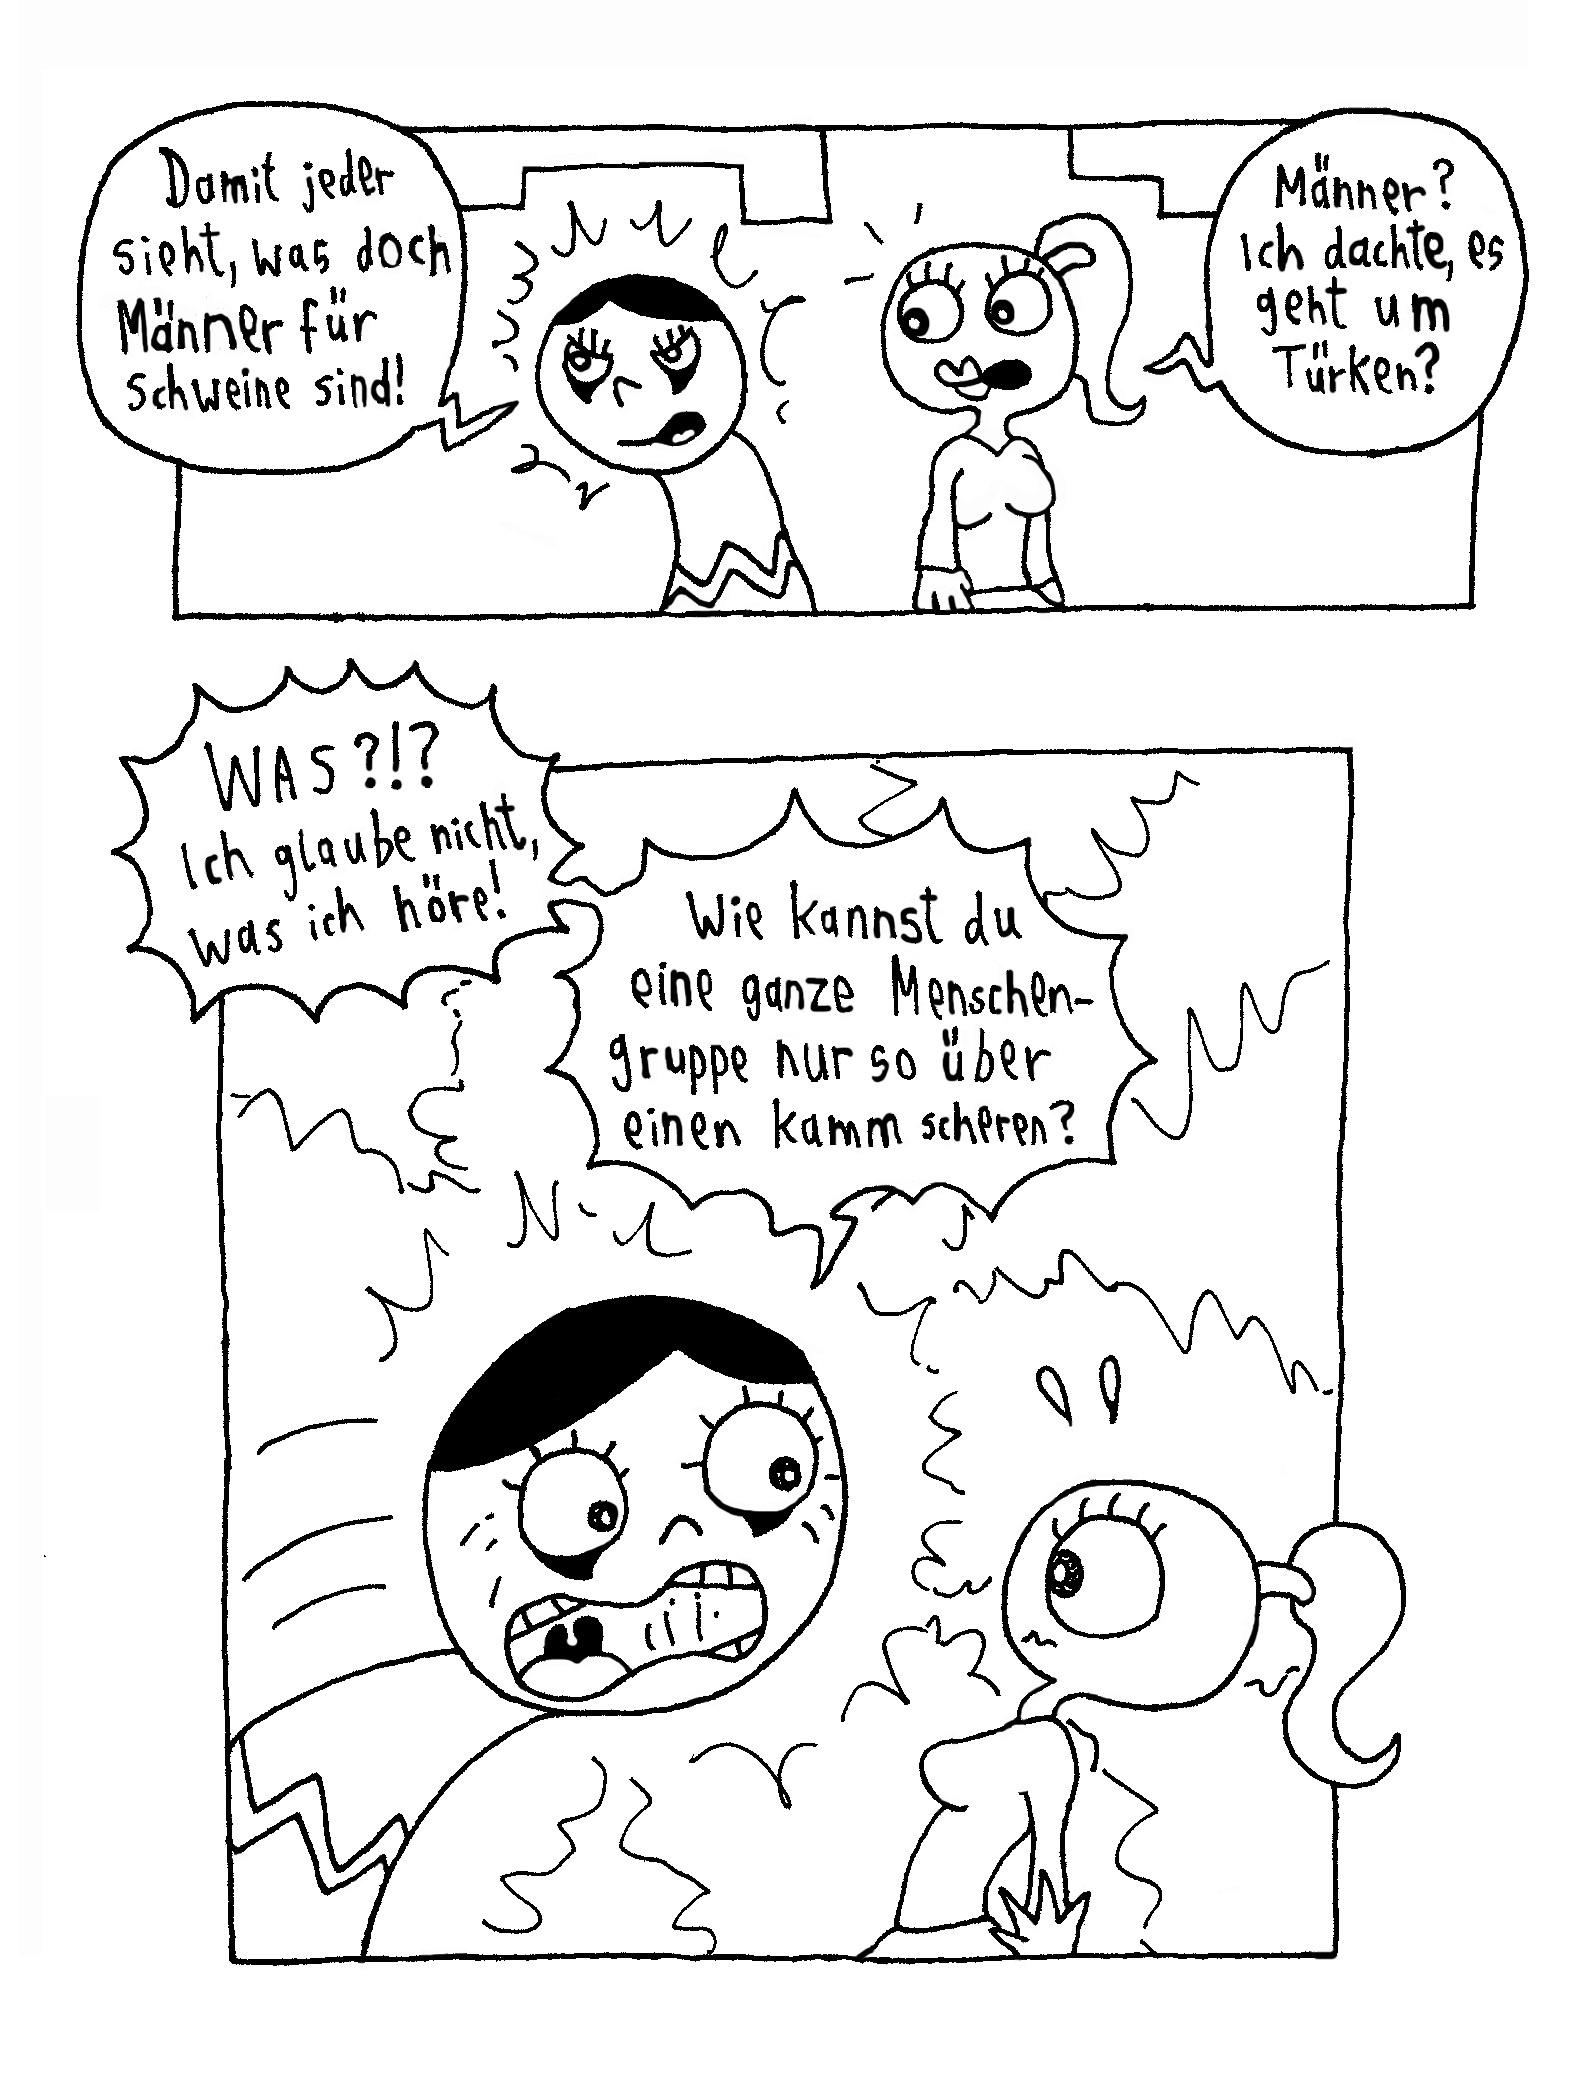 Webcomic - Biggi und die andere hashtaggen2